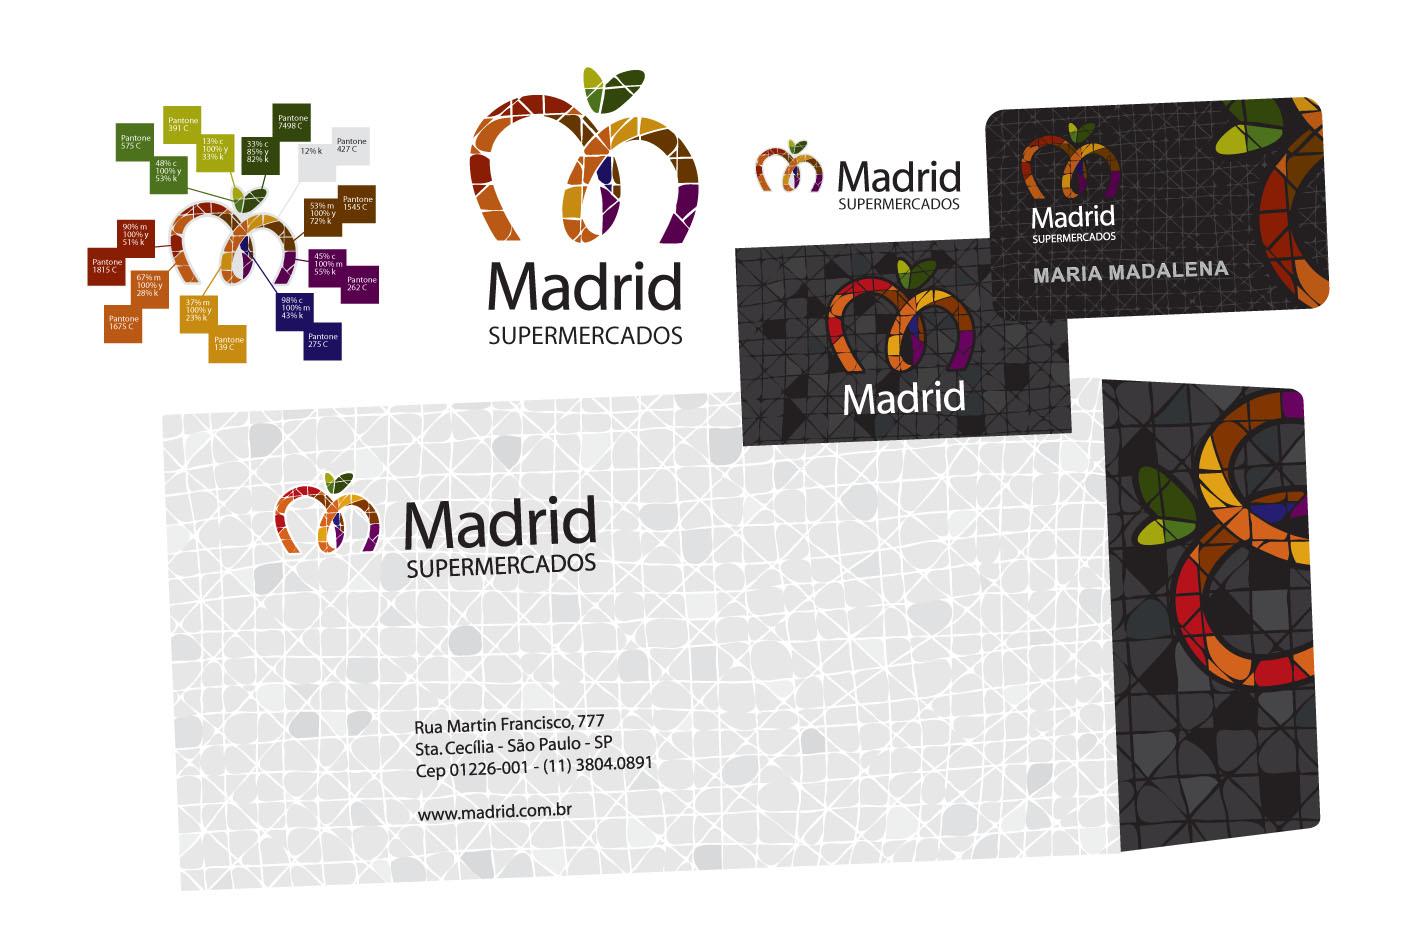 Criação da logomarca e papelaria Madrid